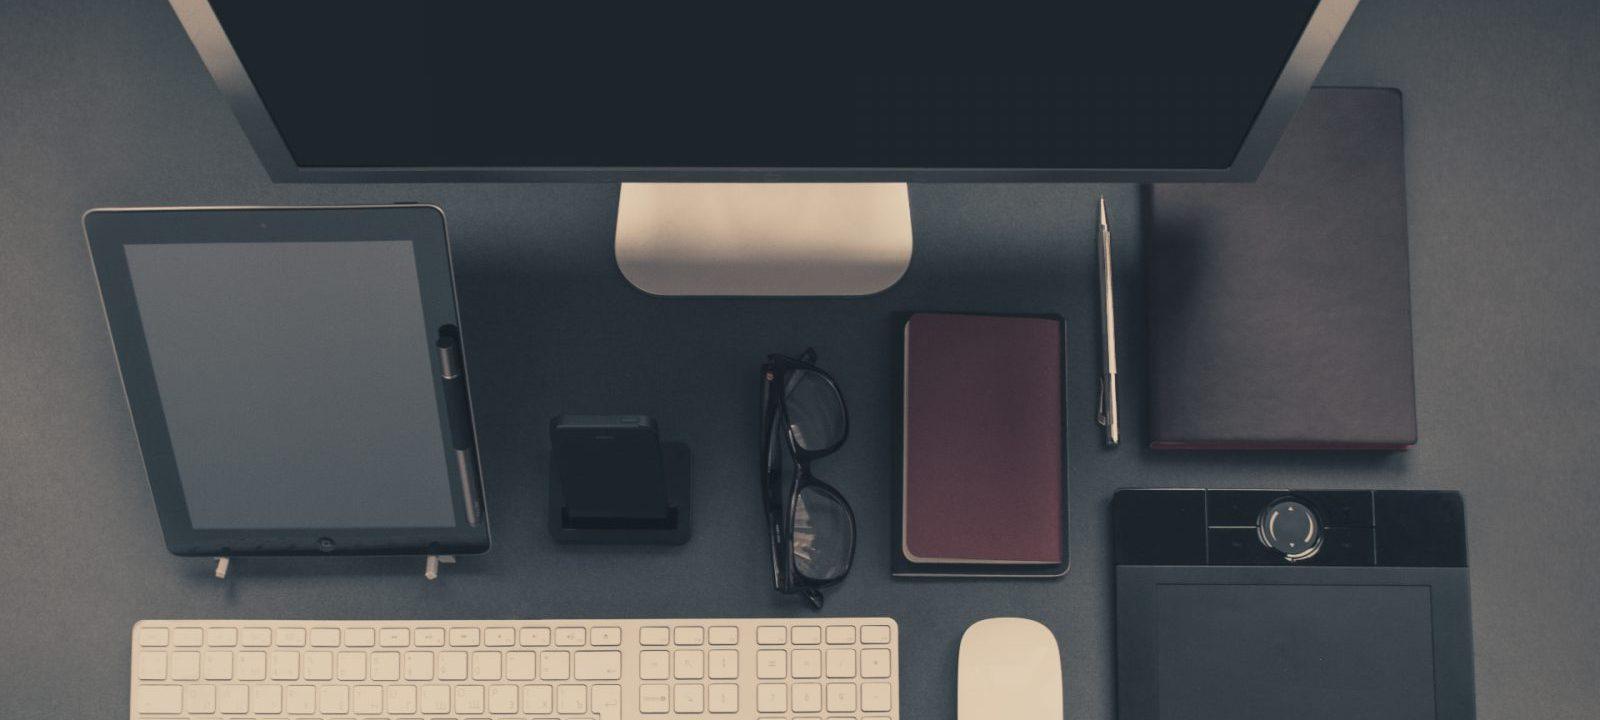 Basiskennis kantoorsoftware met Apple Mac